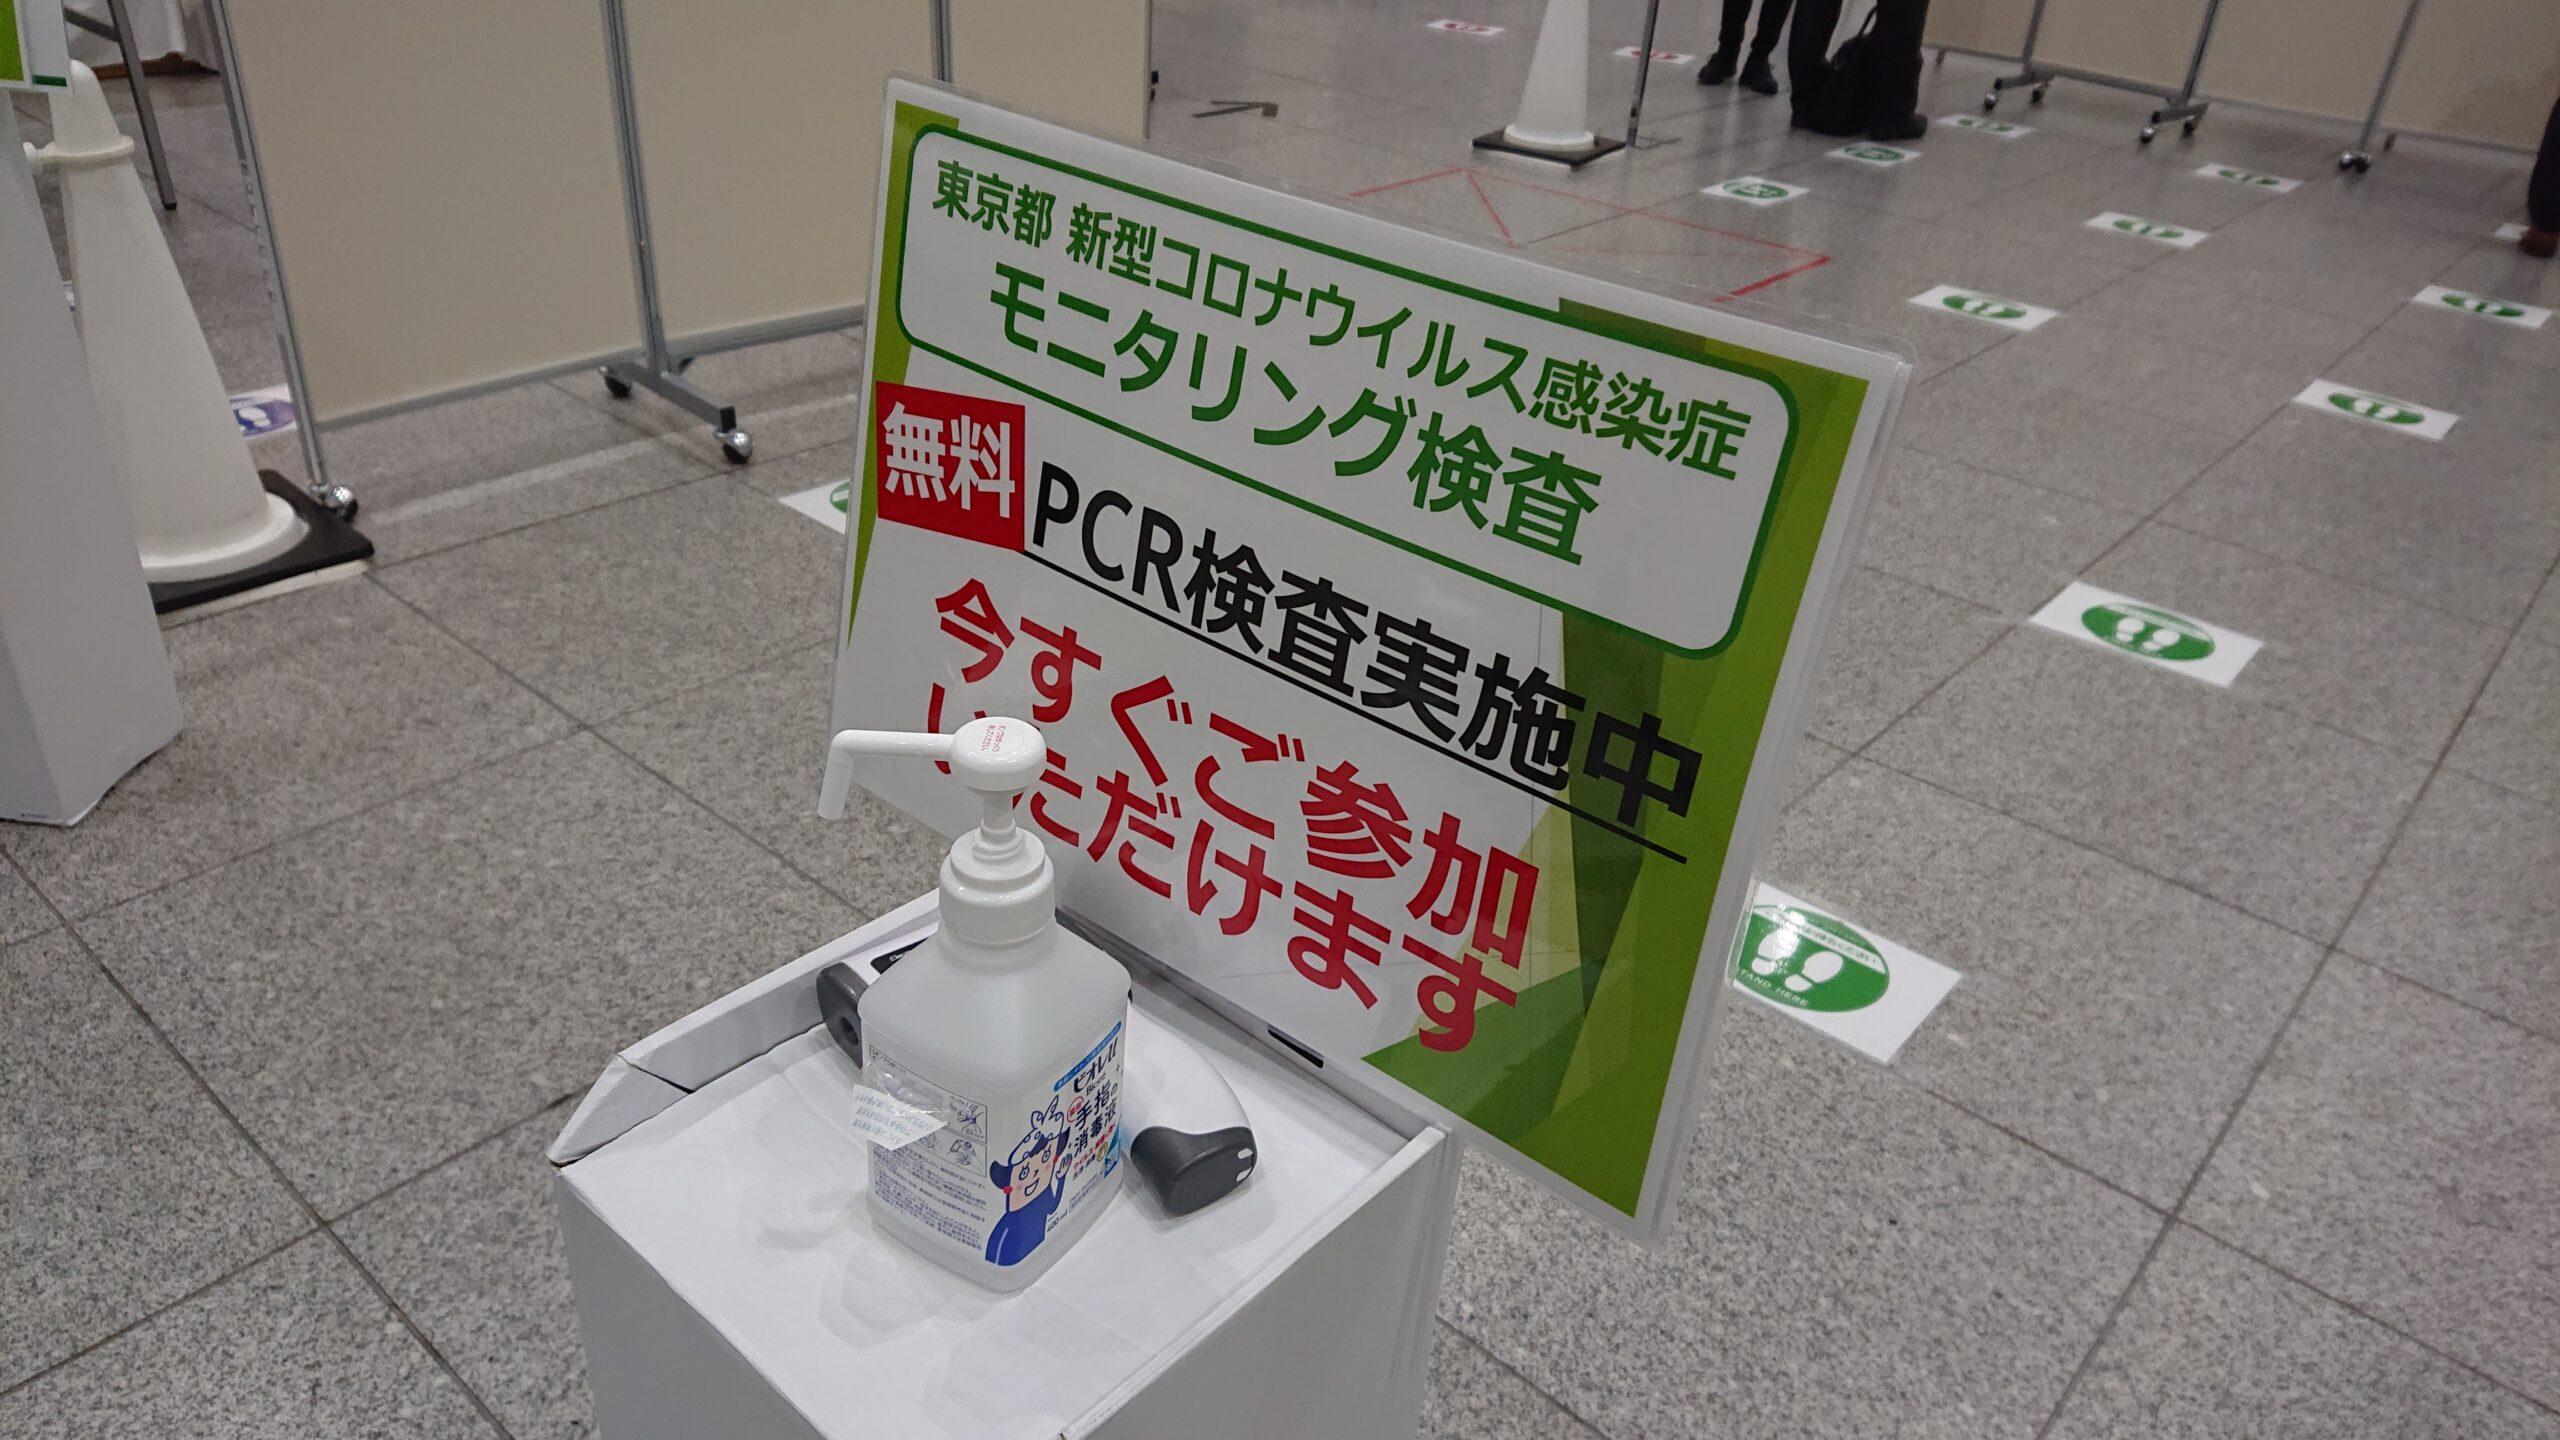 東京都が主催している「新型コロナウイルス感染症モニタリング検査」は誰でも参加可能